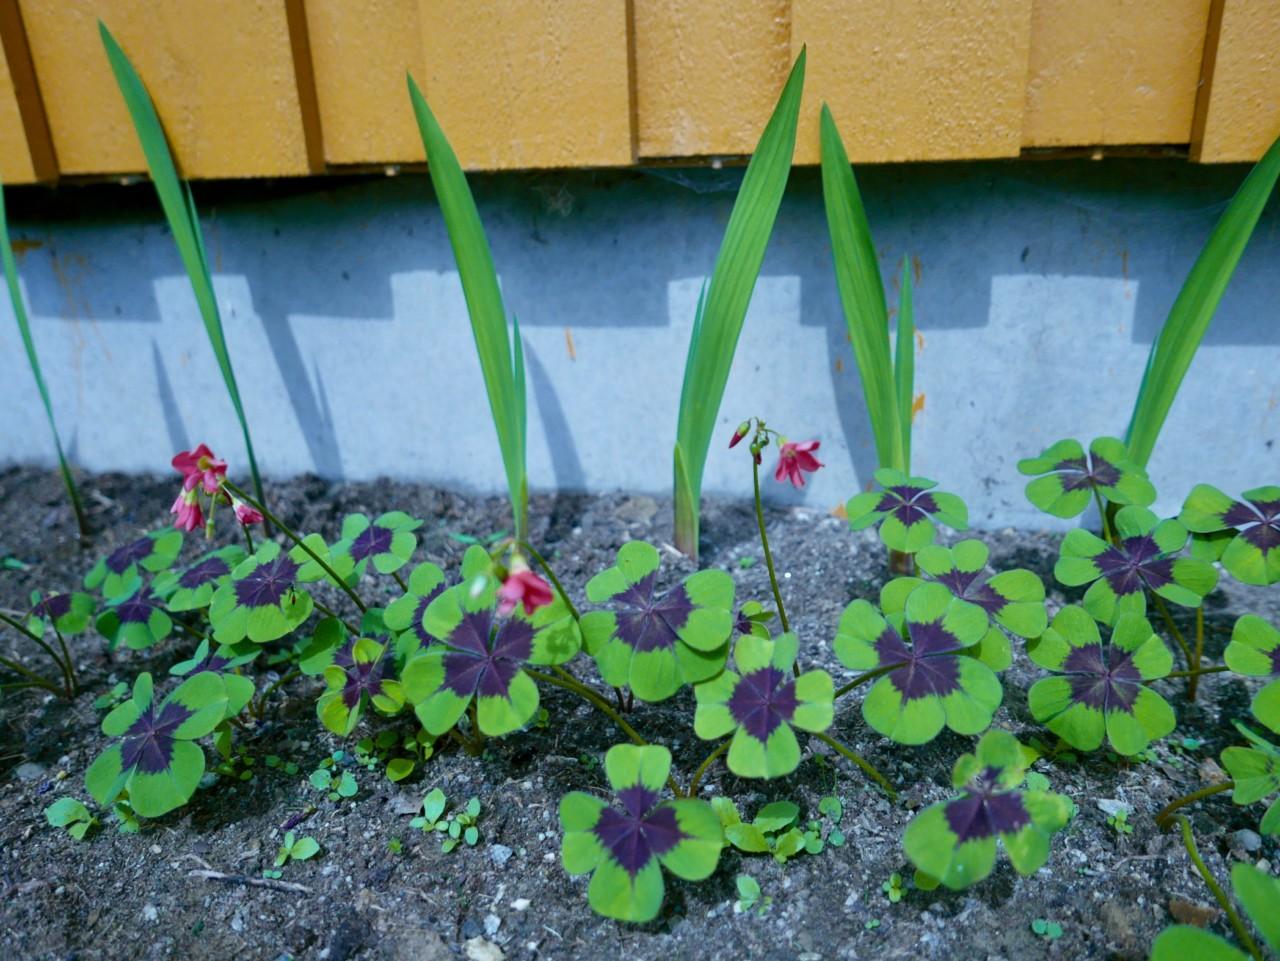 gladiolus-flower-bed-lykkeklover-plants-garden